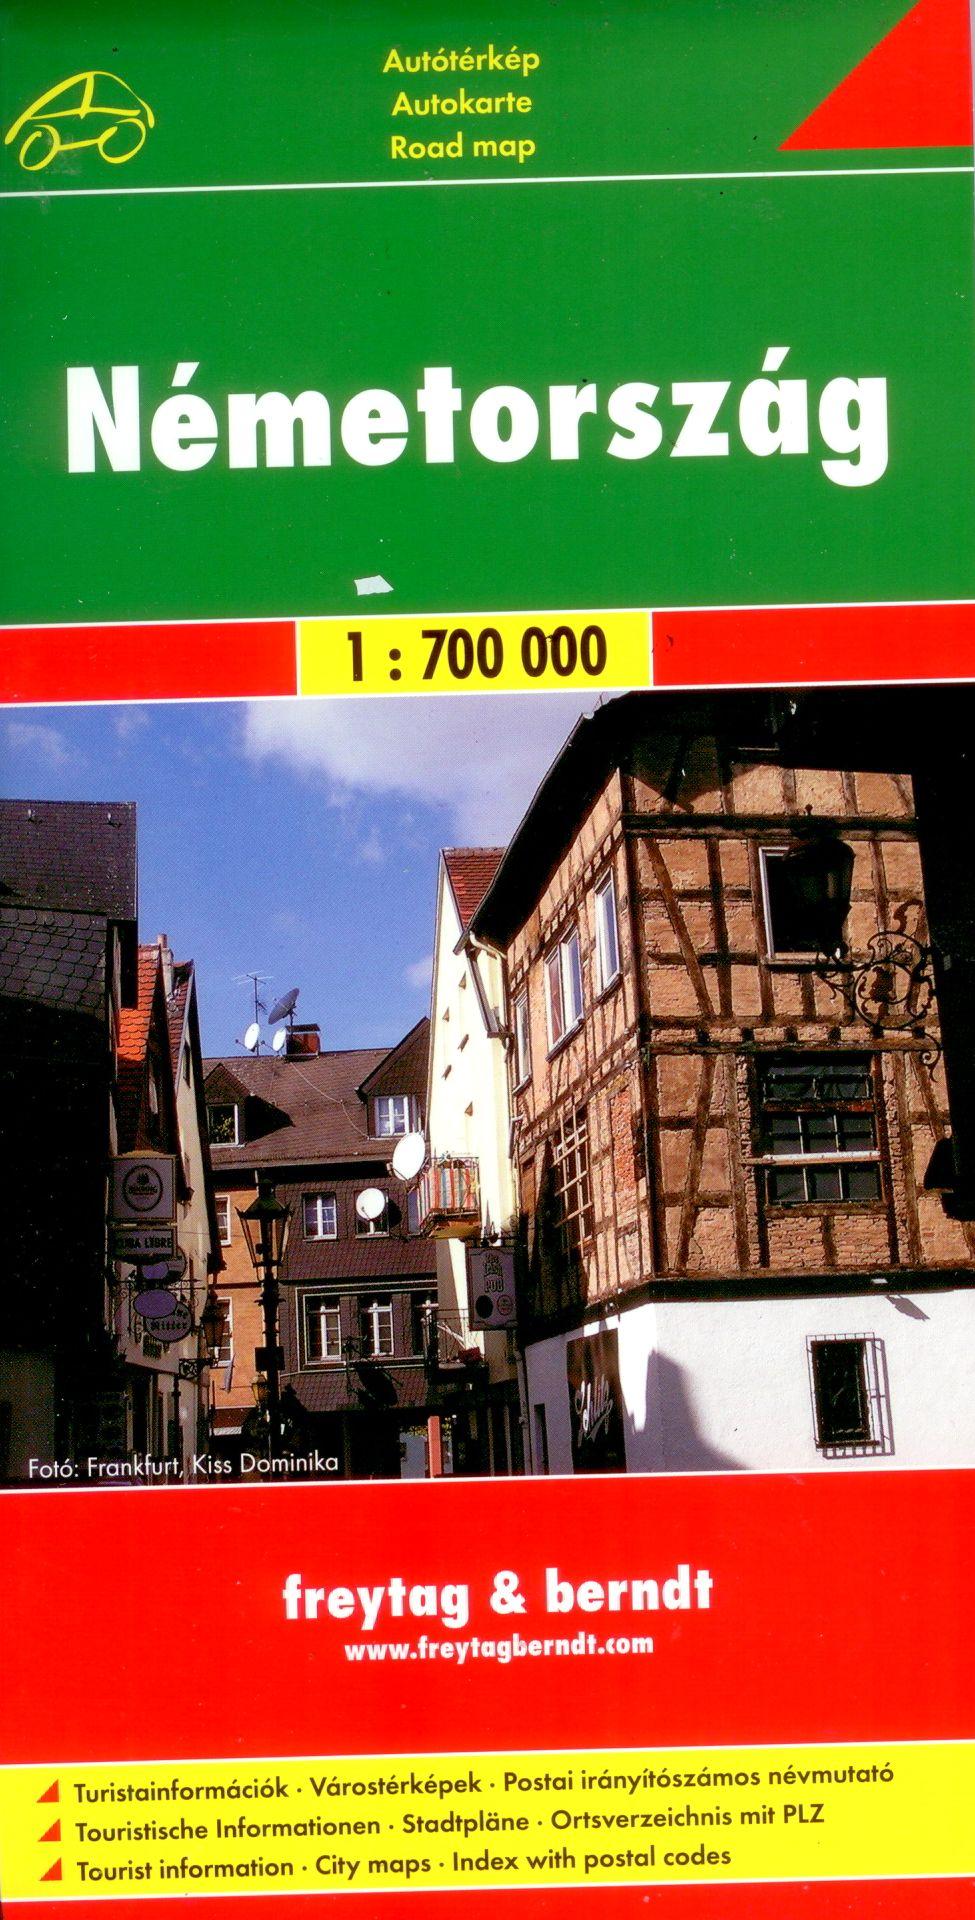 Autótérkép várostérképekkel, turista infókkal, névmutatóval